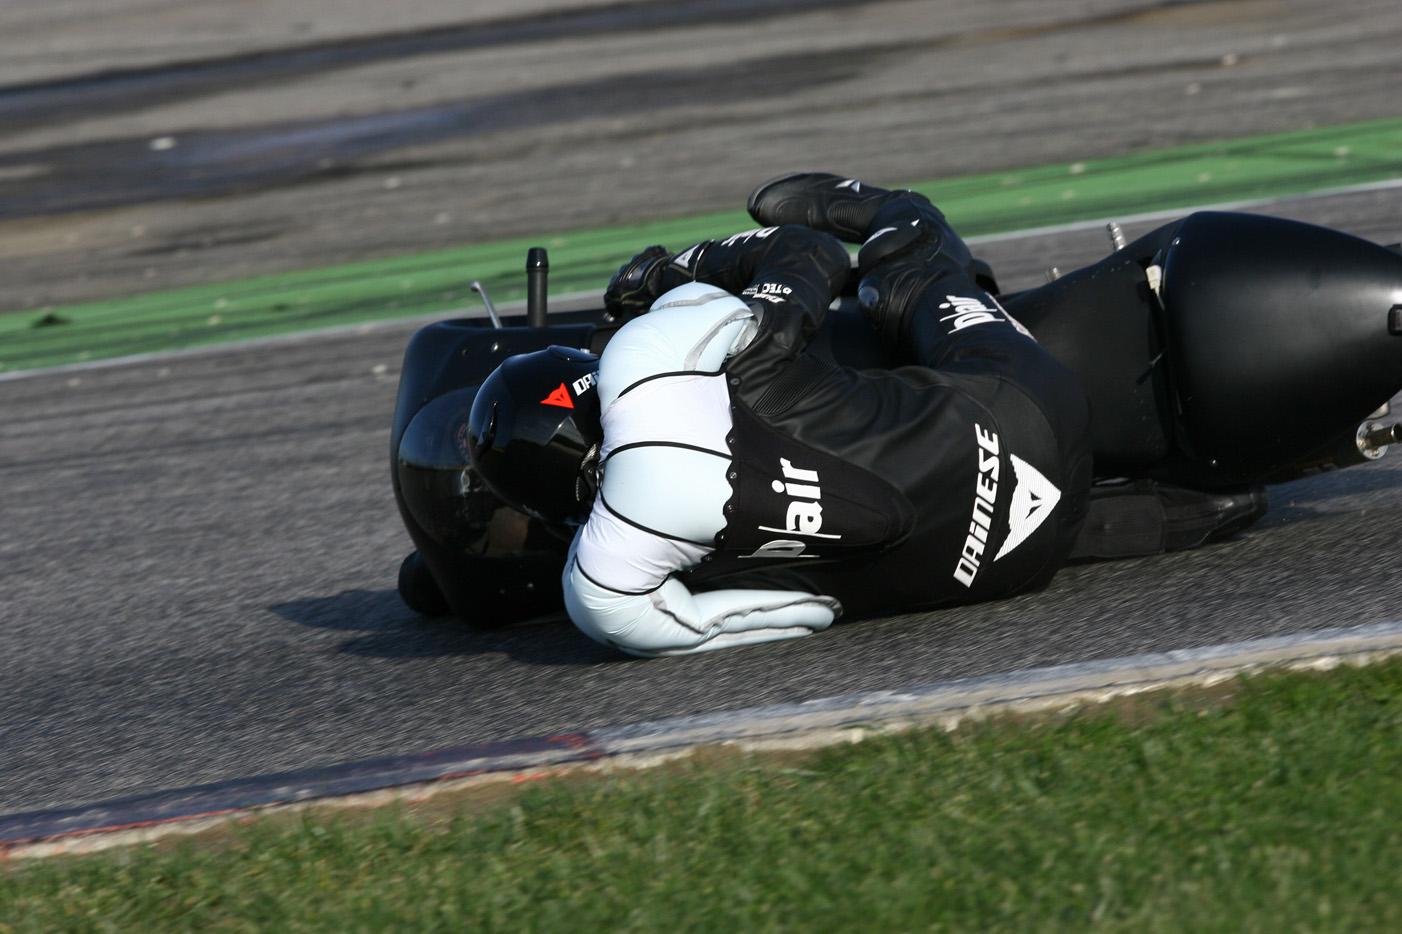 Piste Combinaison Moto Piste Combinaison Ktm Combinaison Moto Moto Piste Piste Ktm Ktm Combinaison Moto Ktm Combinaison OqBnf1qT